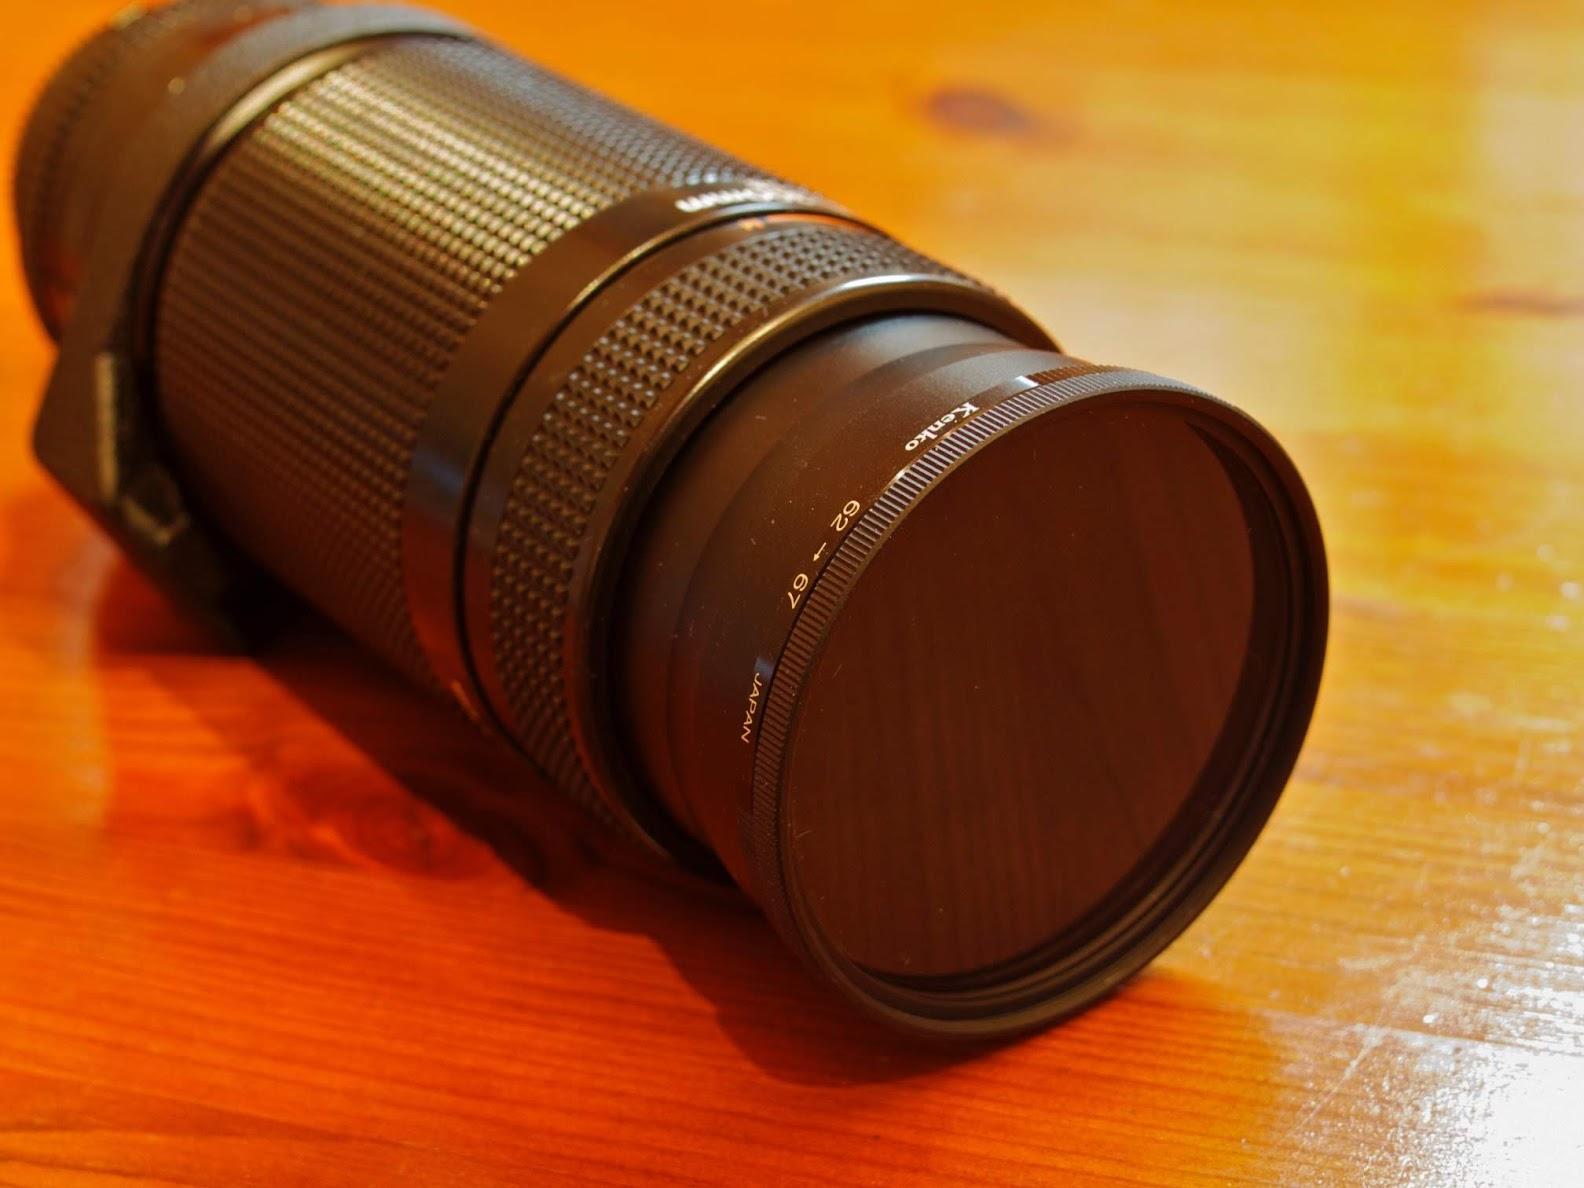 DIY Neutral Density Filter